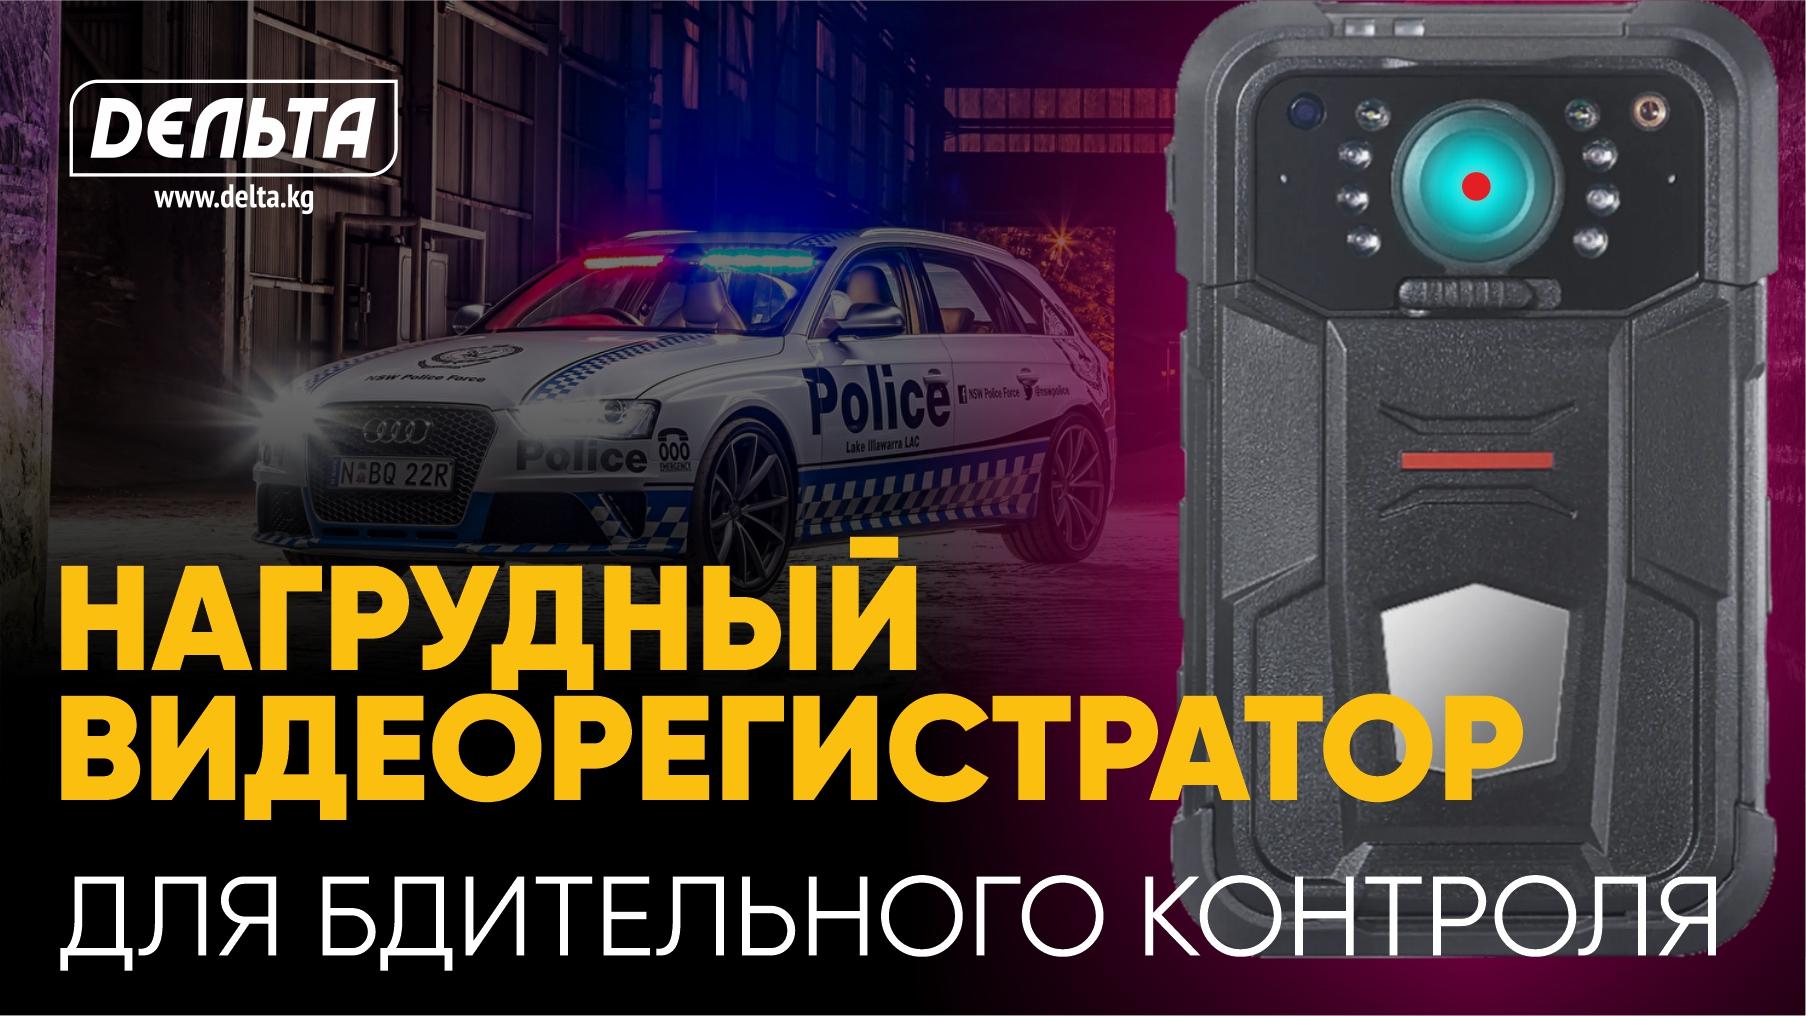 Нагрудный видеорегистратор для бдительного контроля